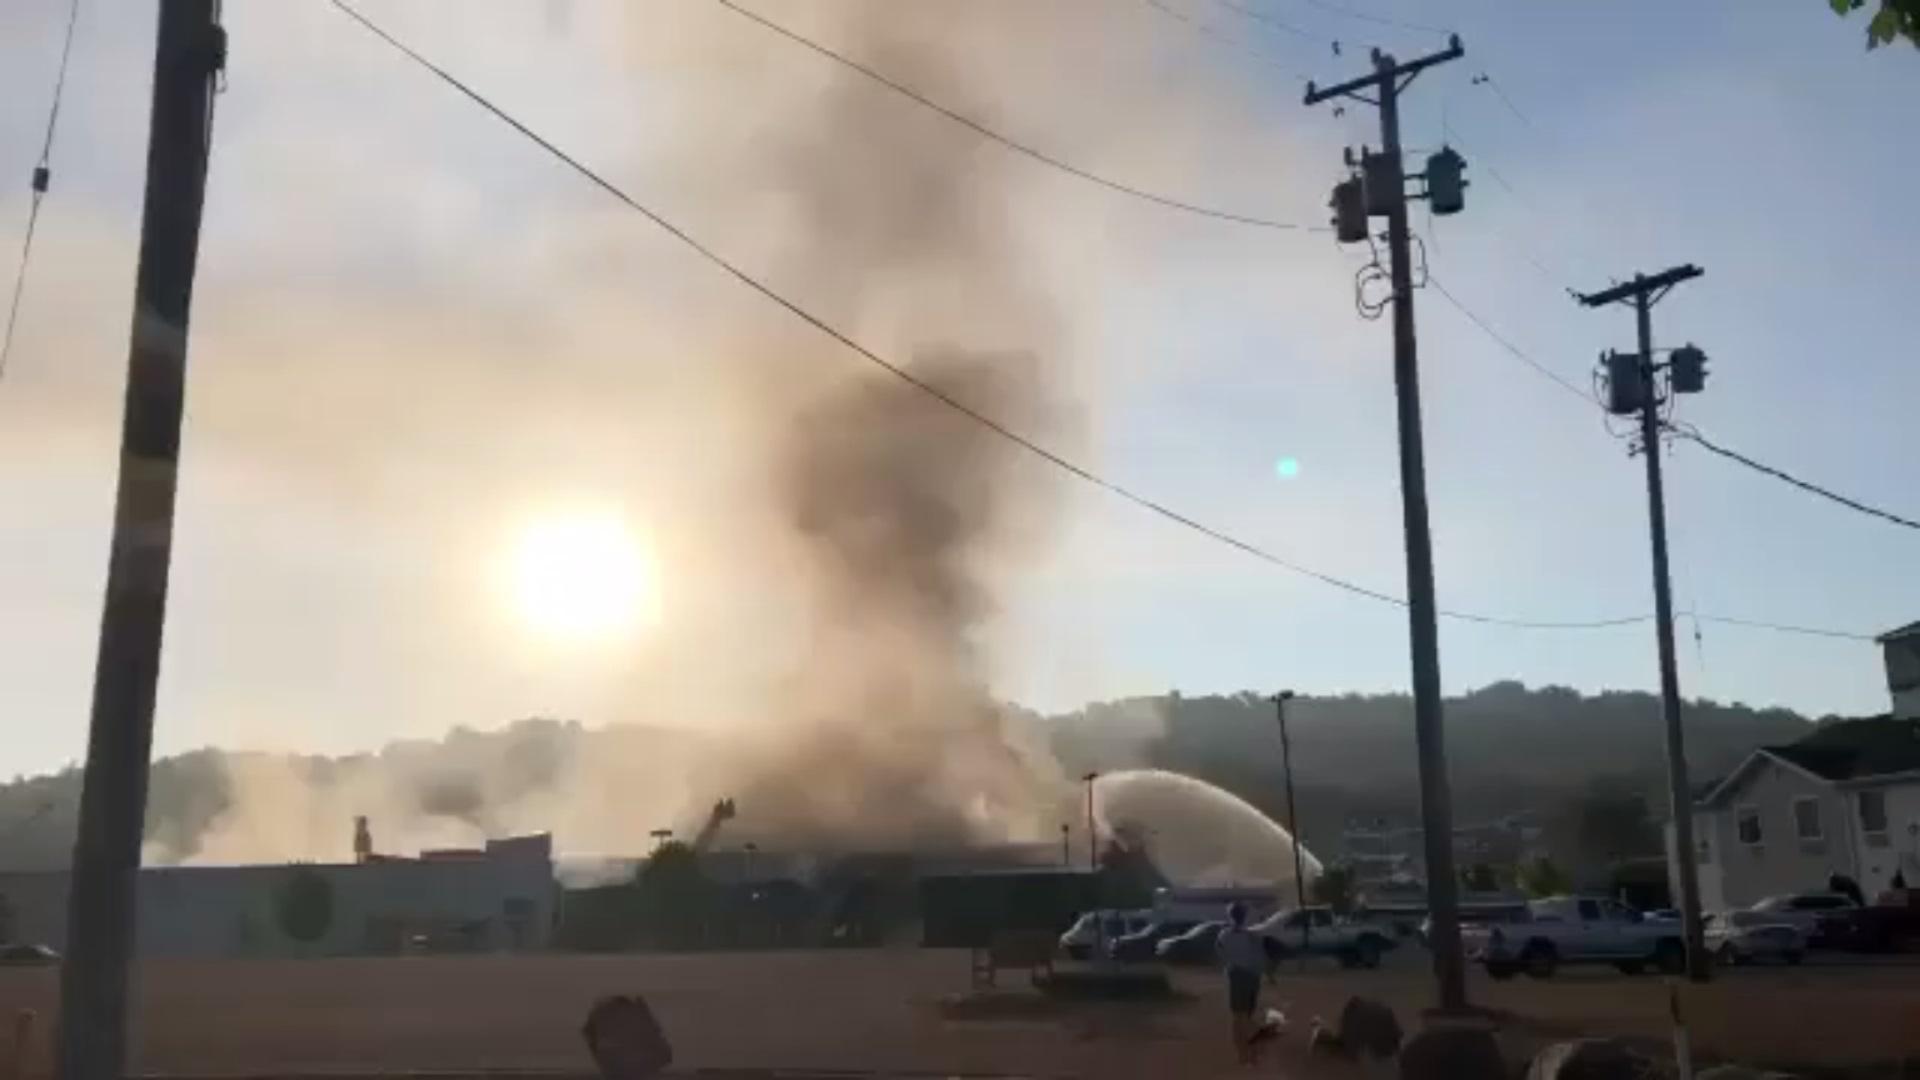 تخلیه کارخانه فولاد در پنسیلوانیای آمریکا به دلیل آتشسوزی + فیلم ...